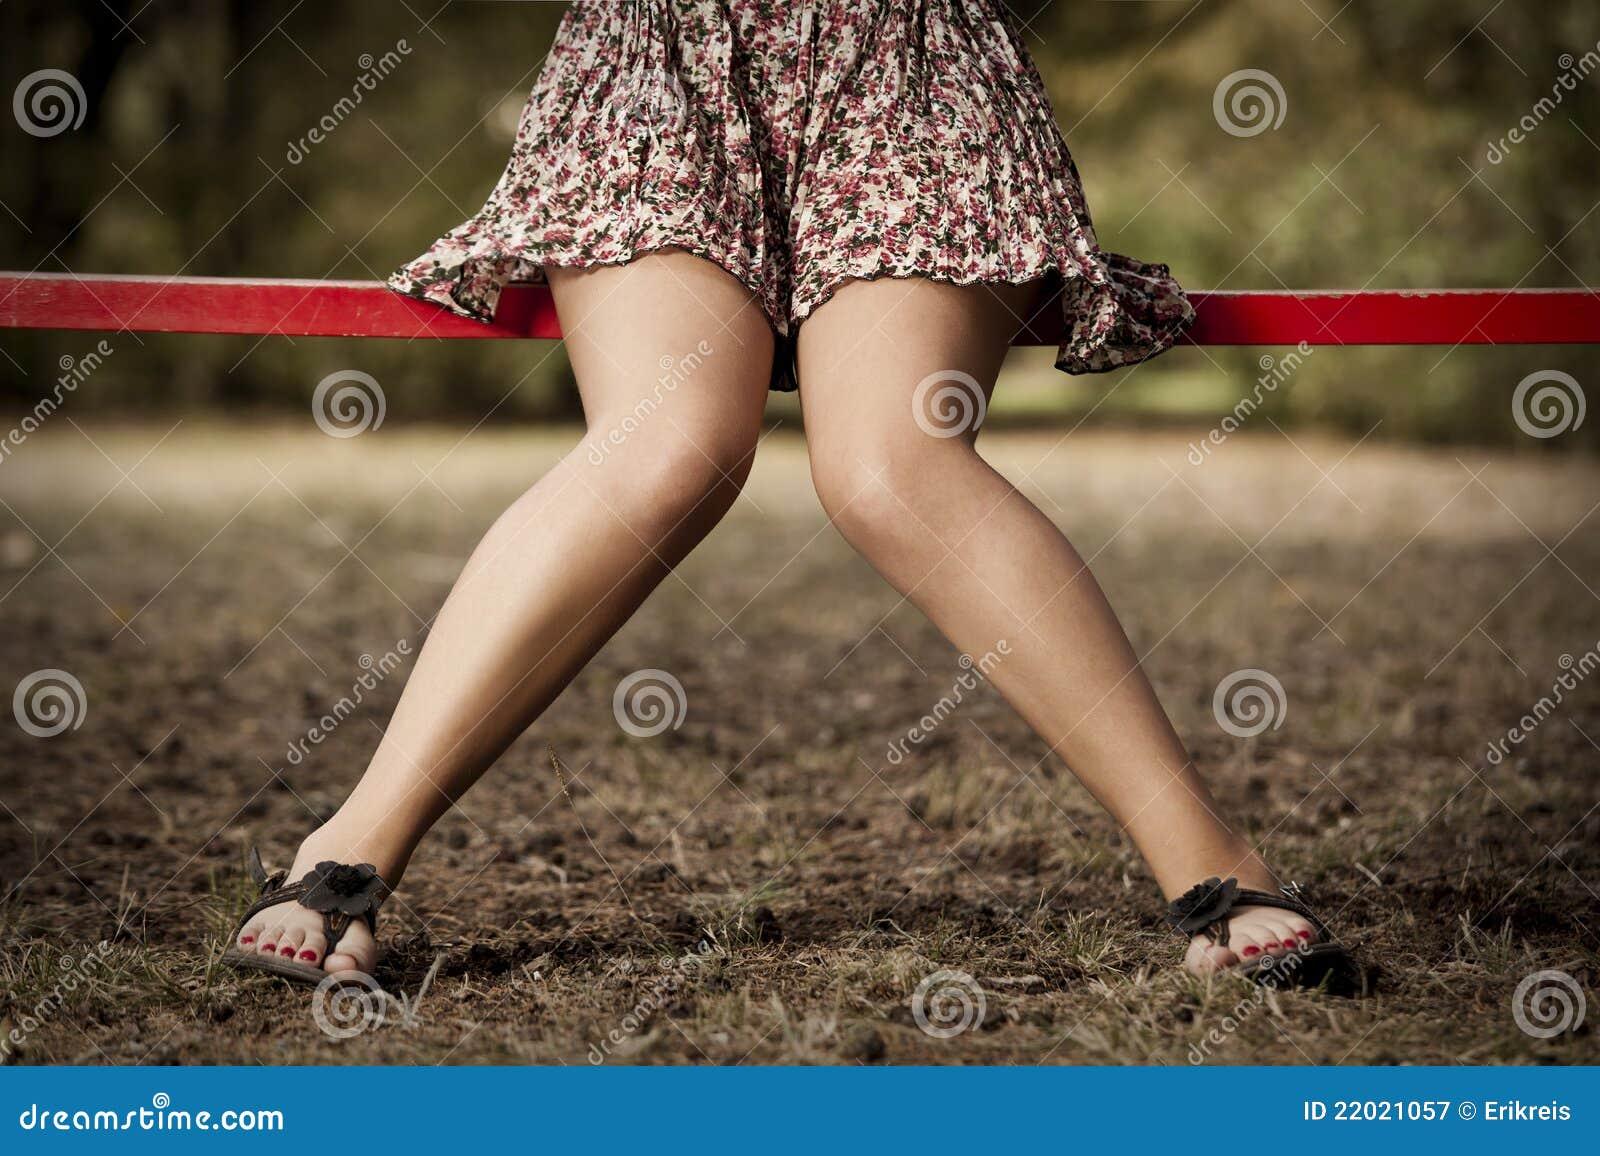 Фото девочки раздвинули ножки 8 фотография